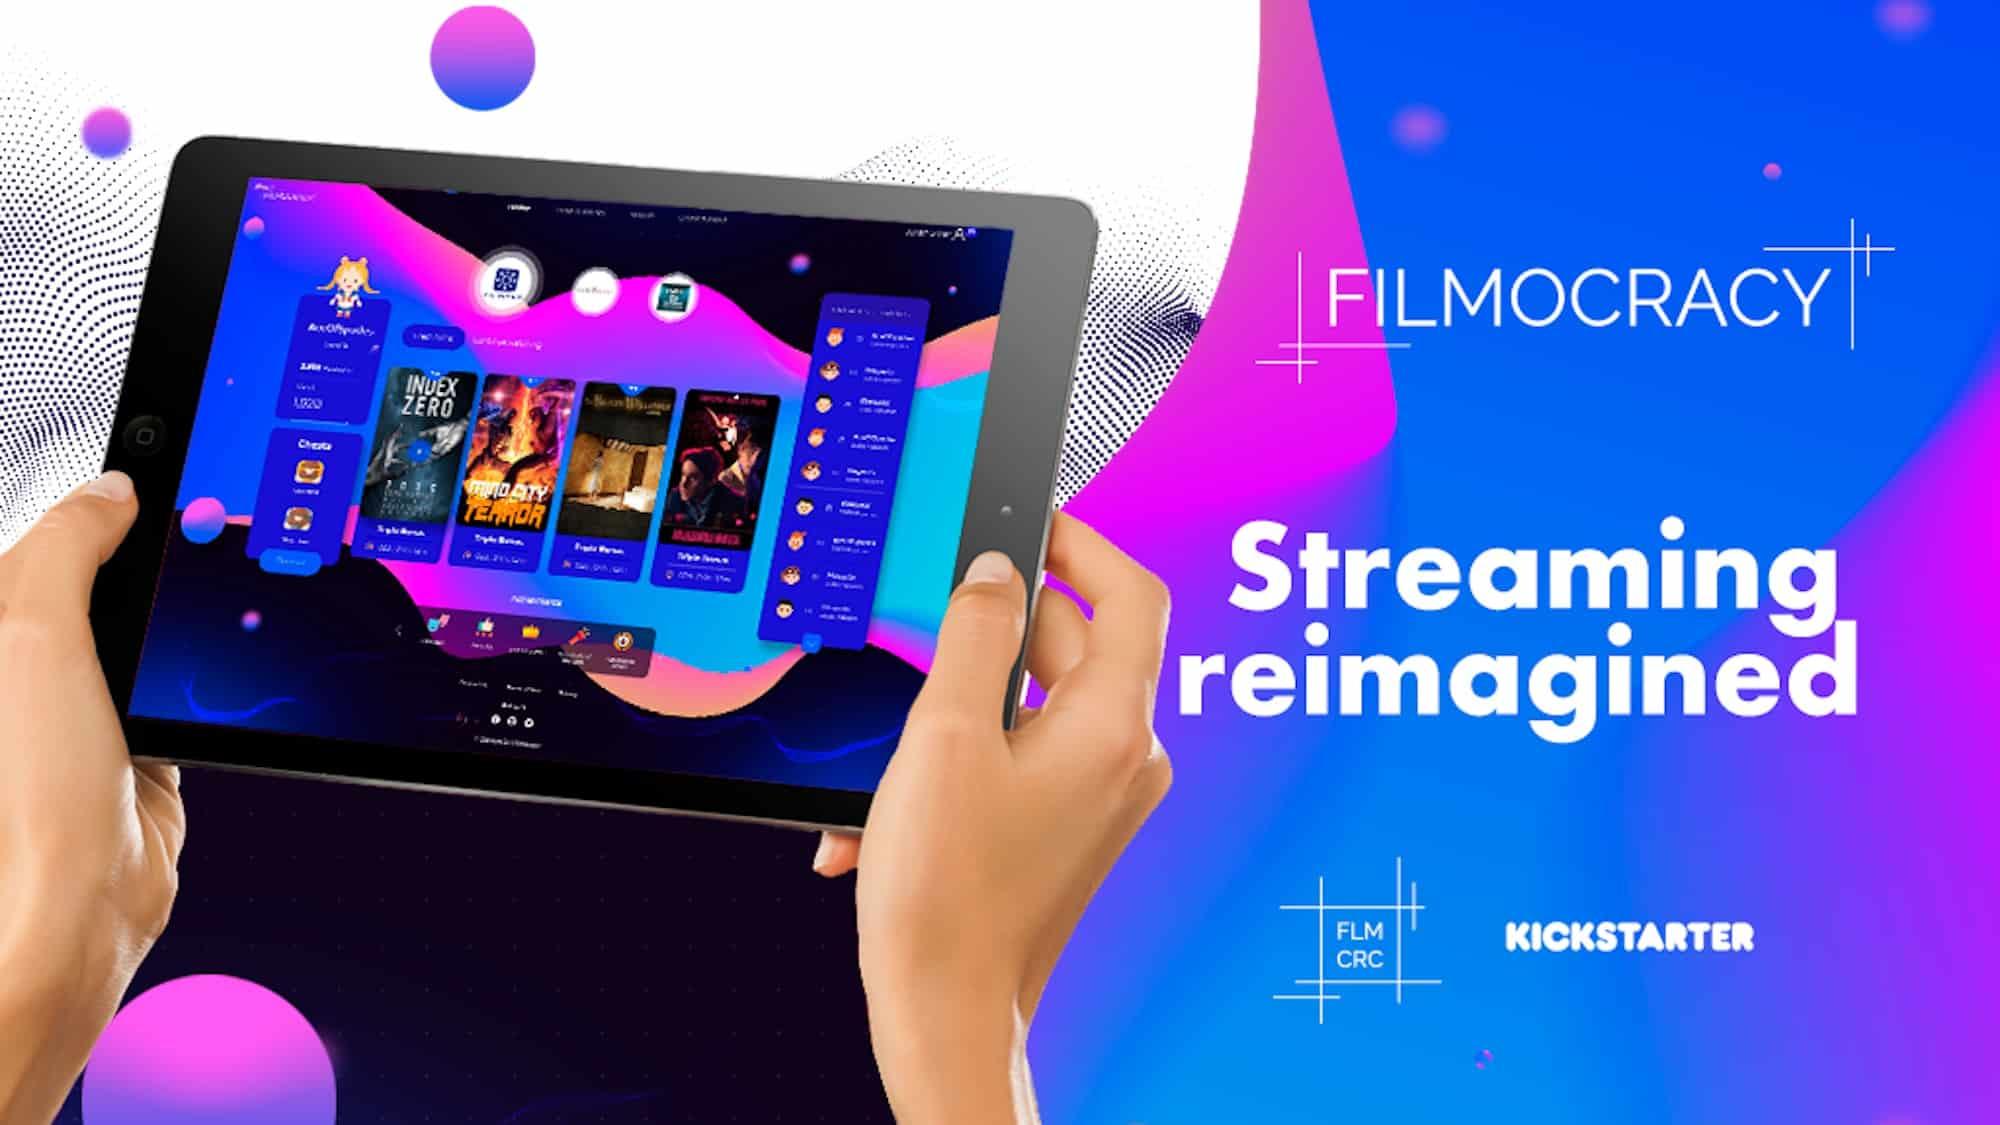 filmocracy video streaming platform on kickstarter